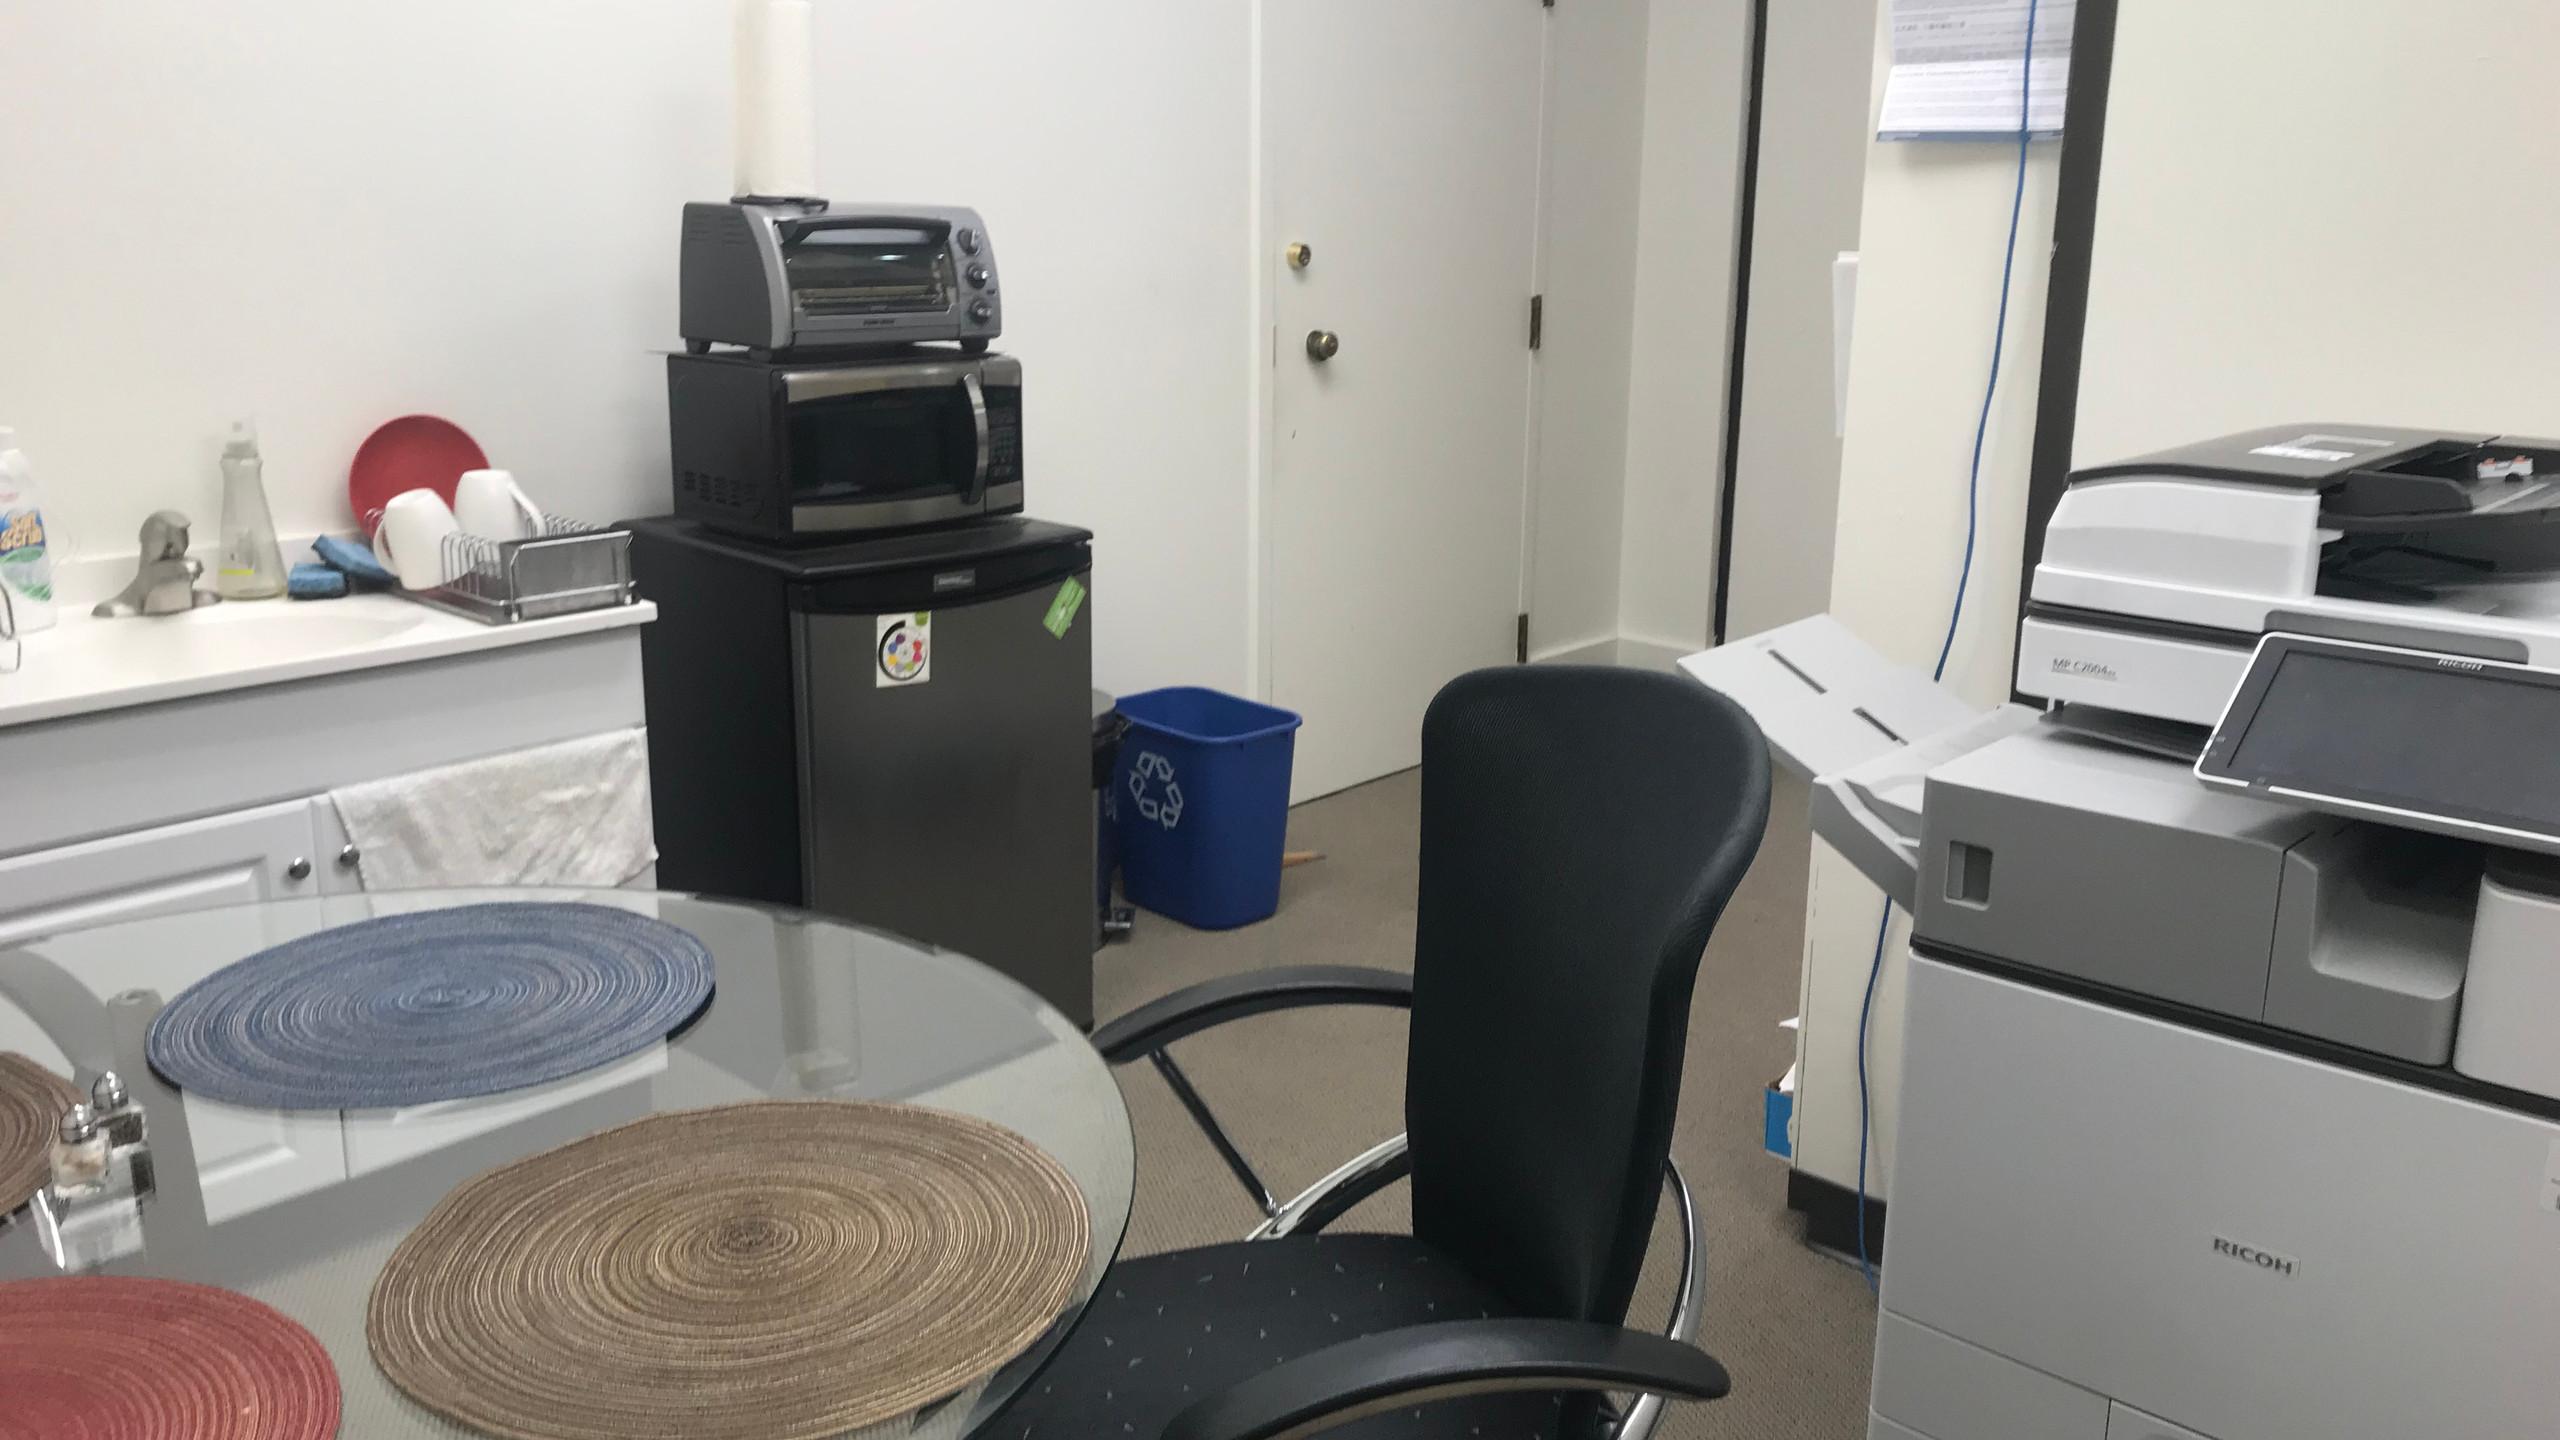 Printer/scanner/copier